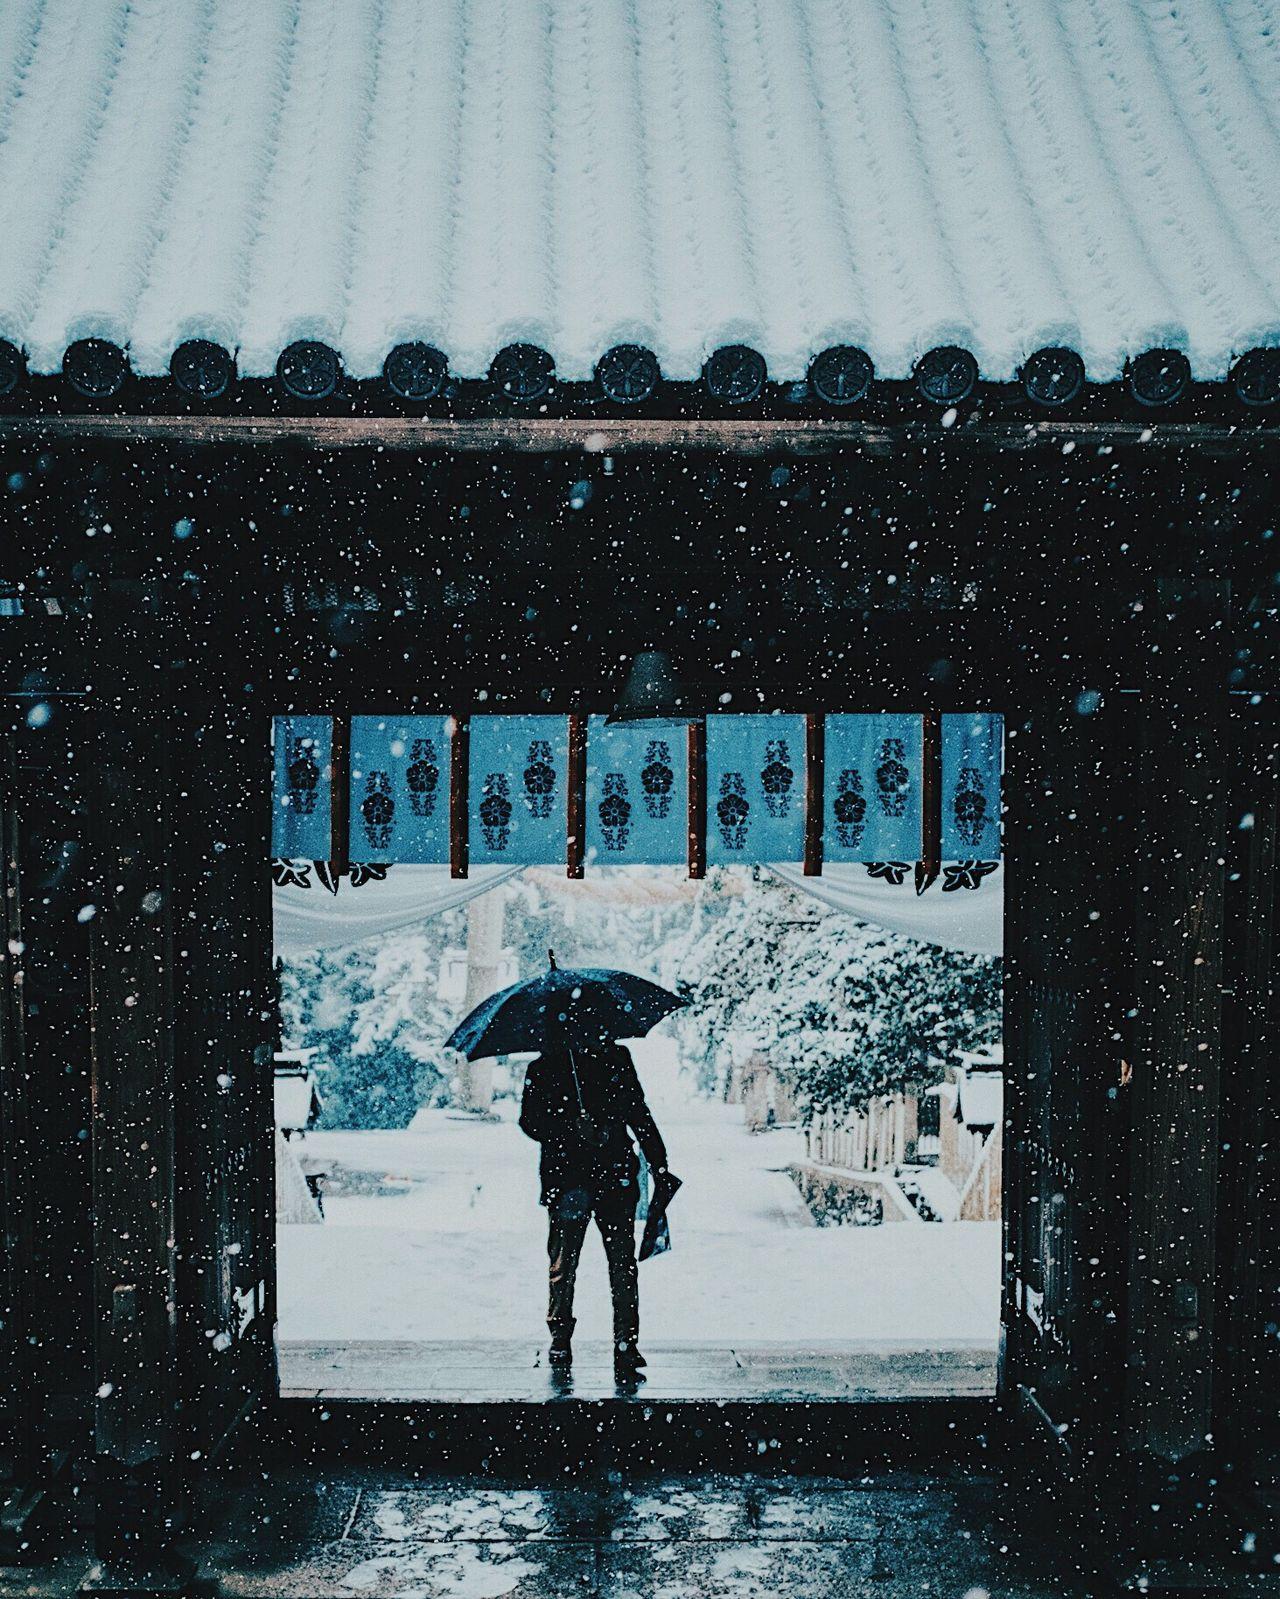 weather, winter, snow, cold temperature, rain